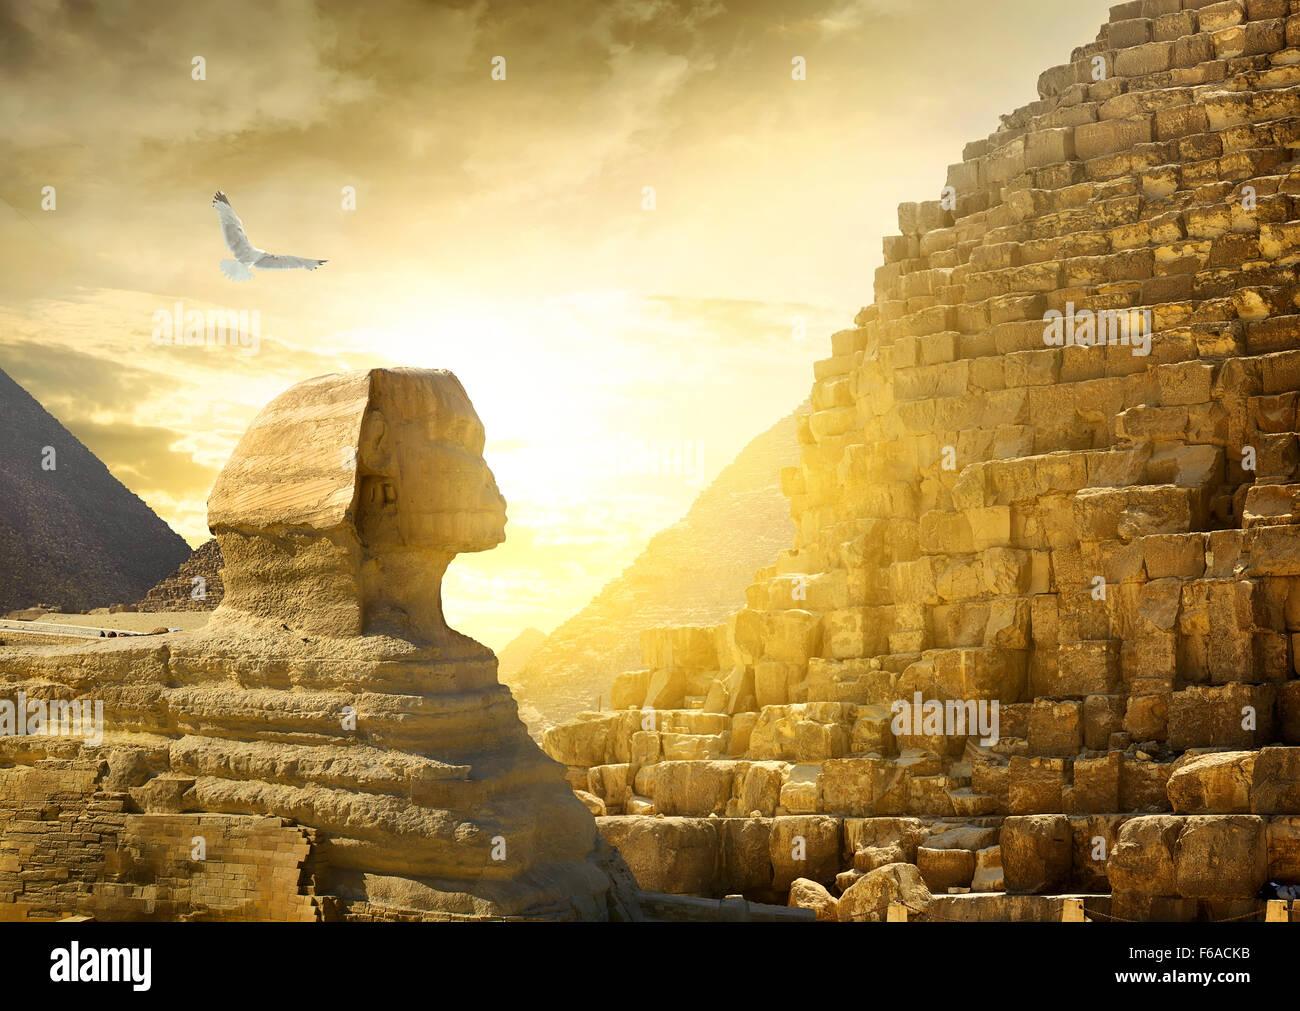 Grand sphinx et des pyramides sous un soleil éclatant Photo Stock